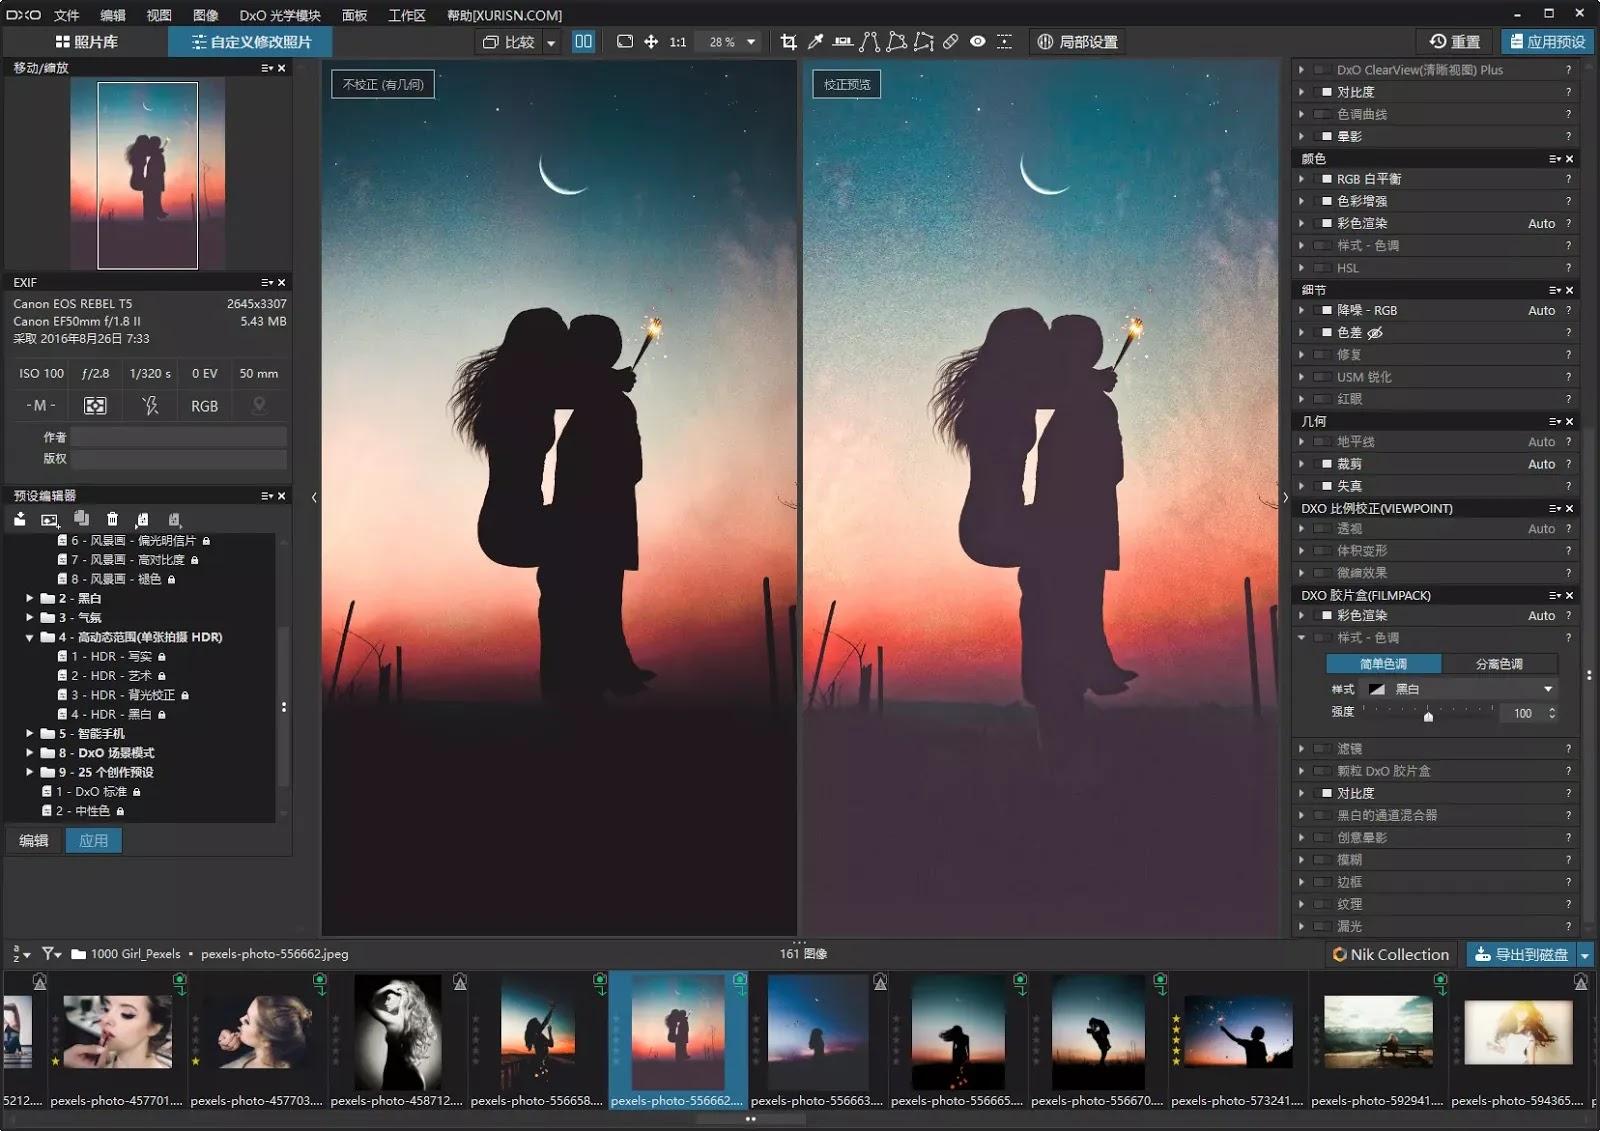 تحميل برنامج DxO PhotoLab 3.3.0 Build 4391  لتحسين جودة الصورة تلقائيًا